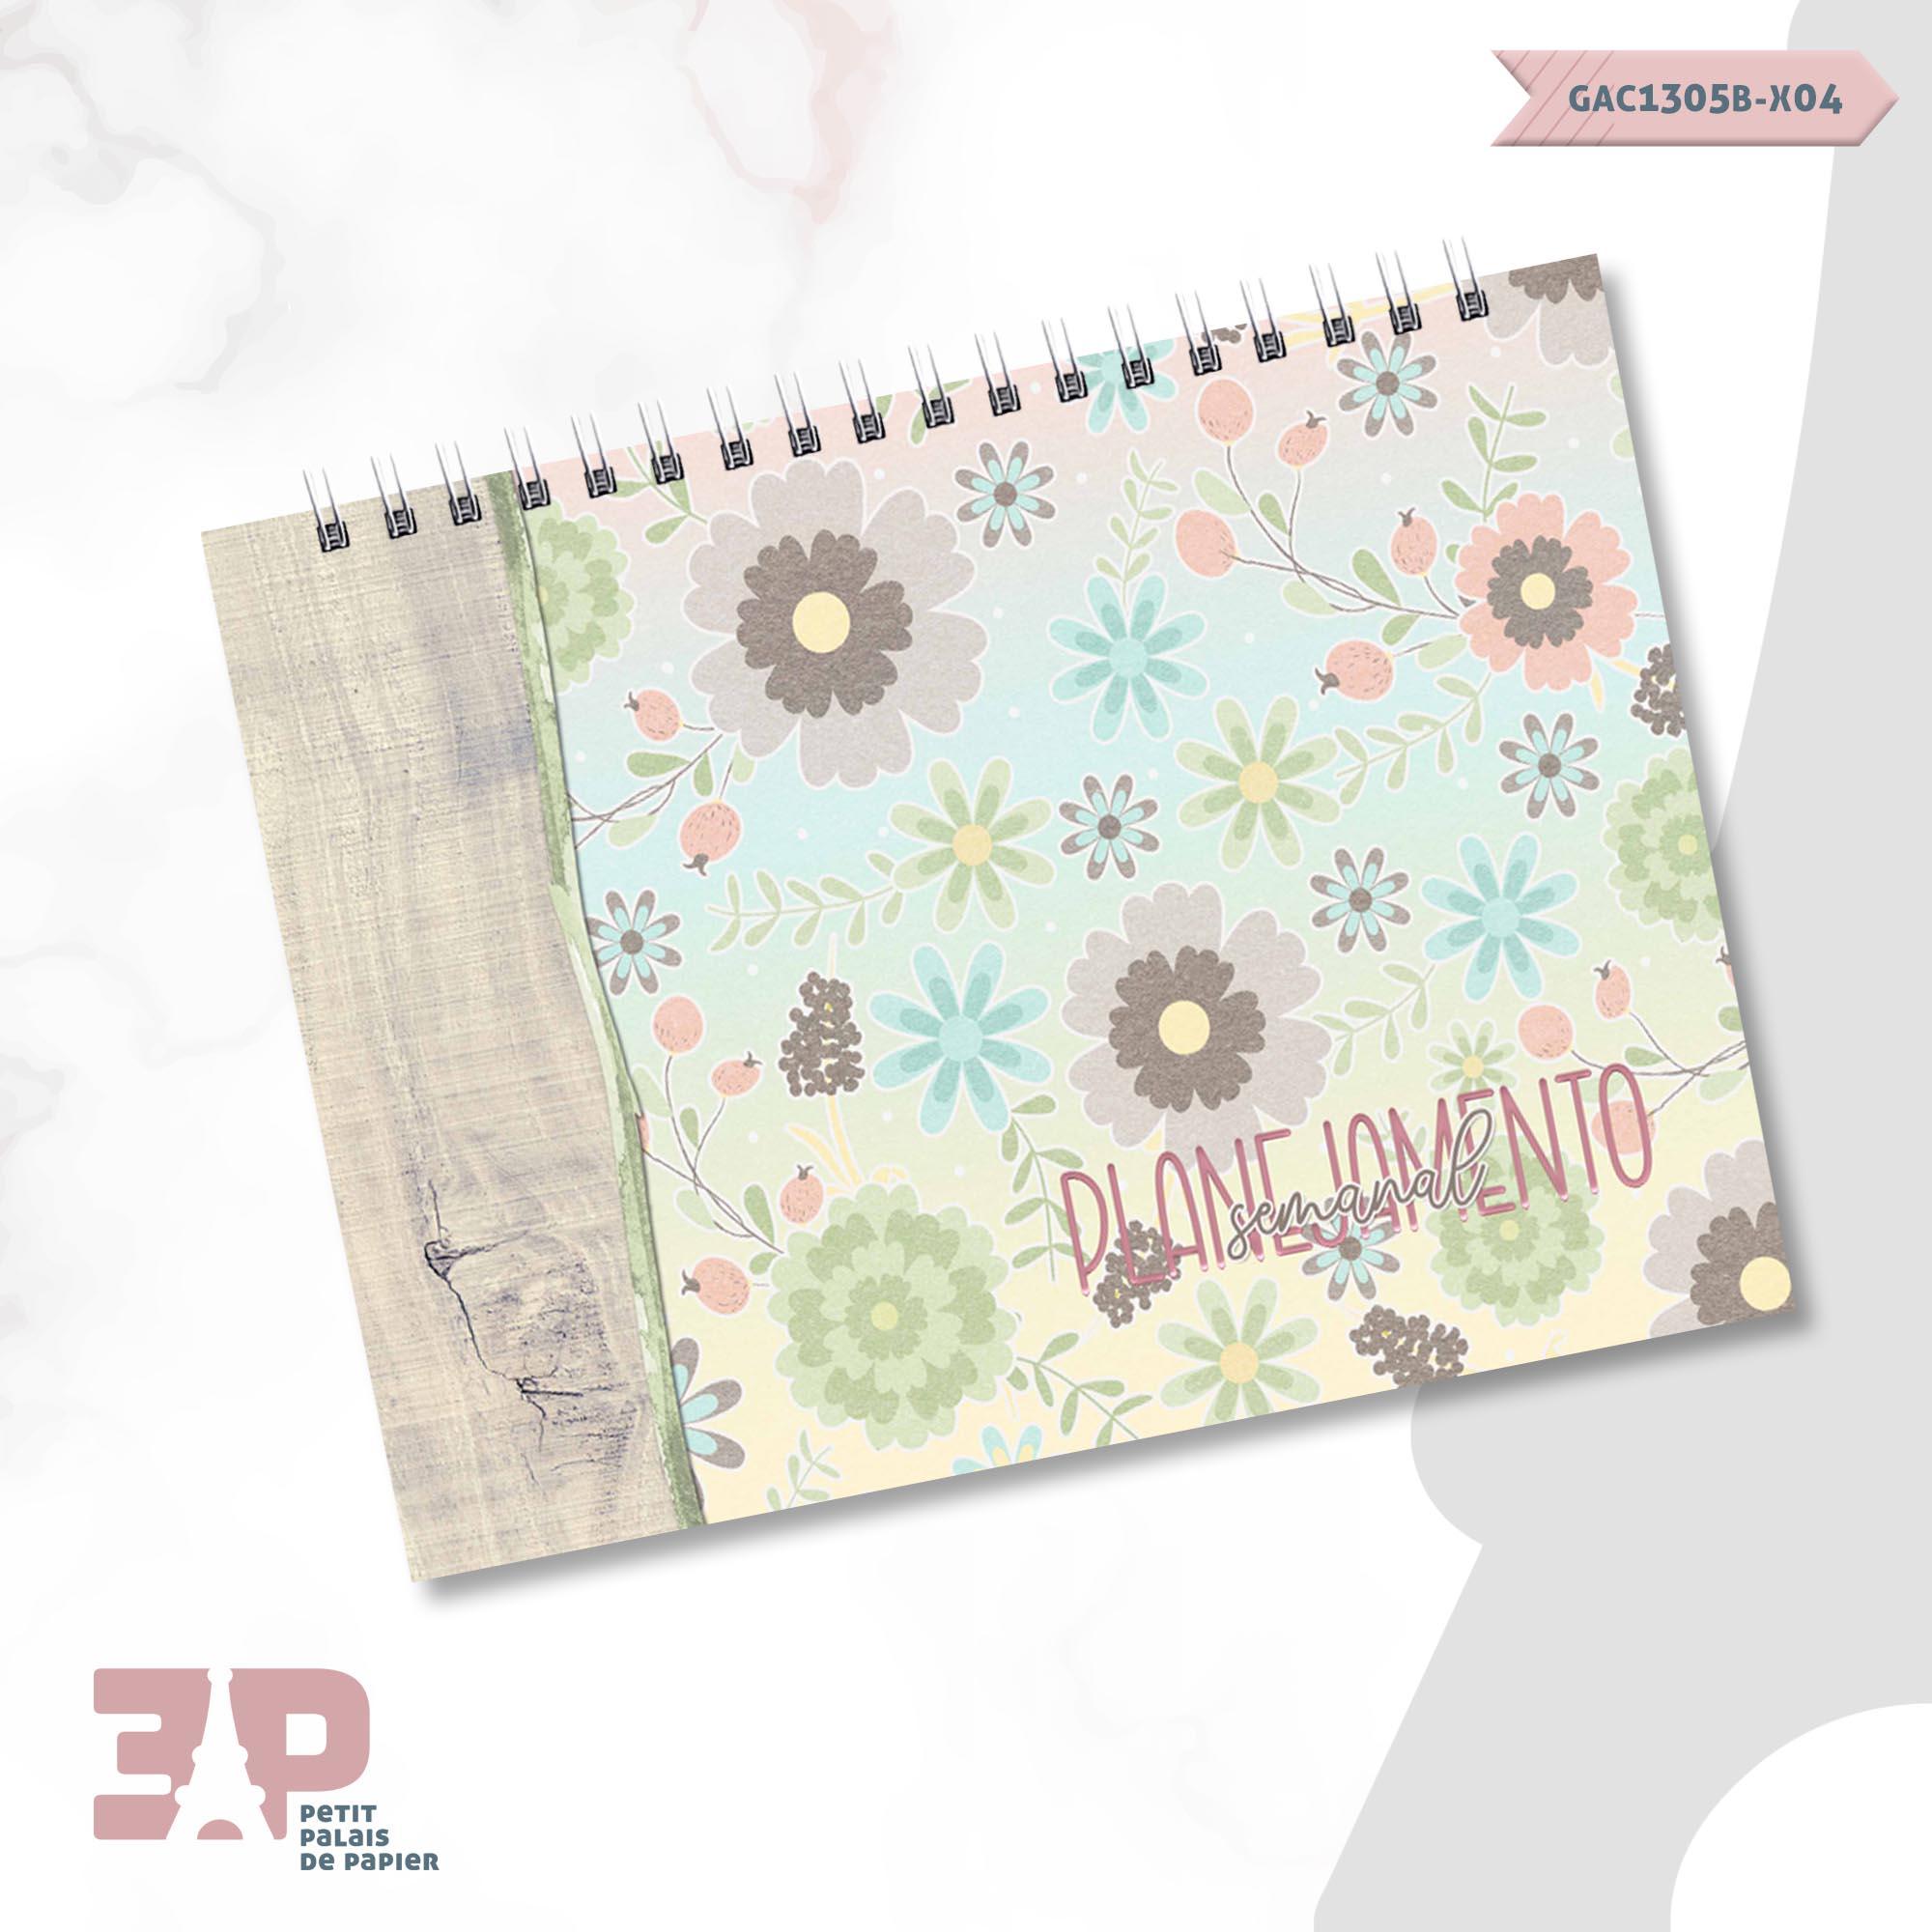 Planejamento Semanal - Pausa Necessária  - Petit Palais de Papier